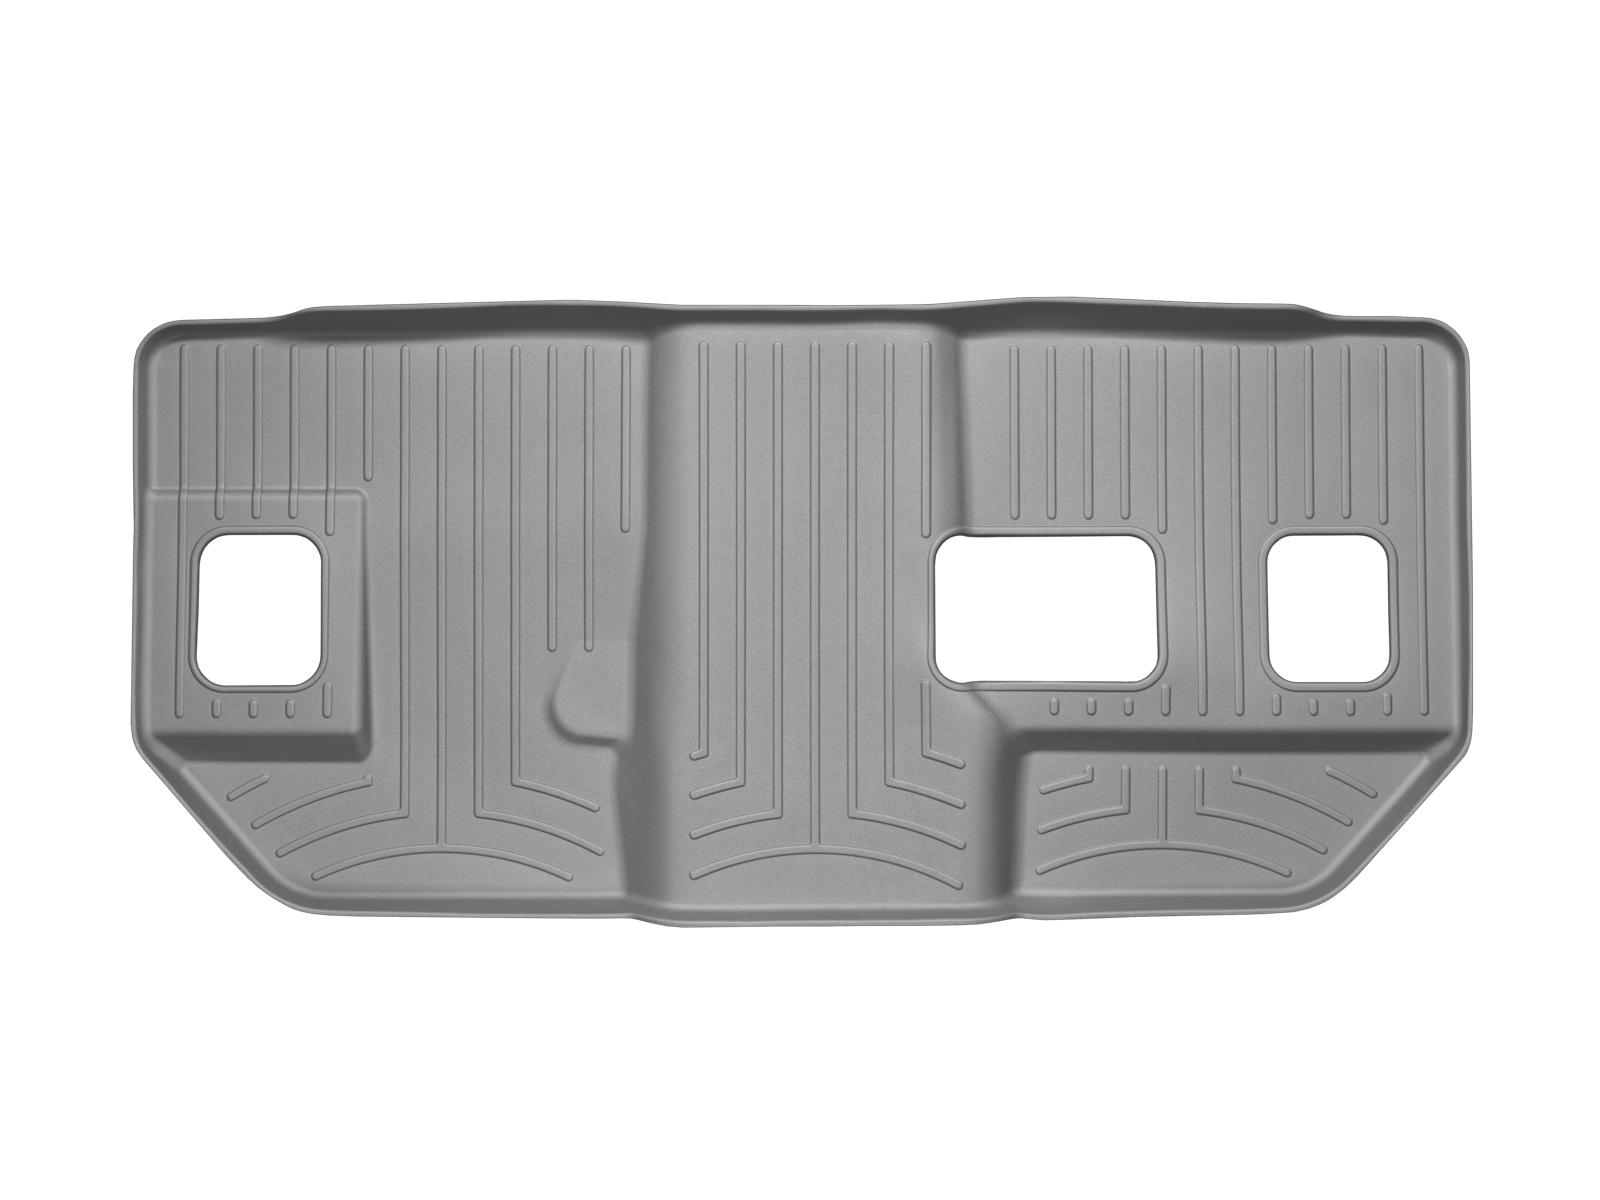 Tappeti gomma su misura bordo alto Cadillac Escalade ESV 07>10 Grigio A44*